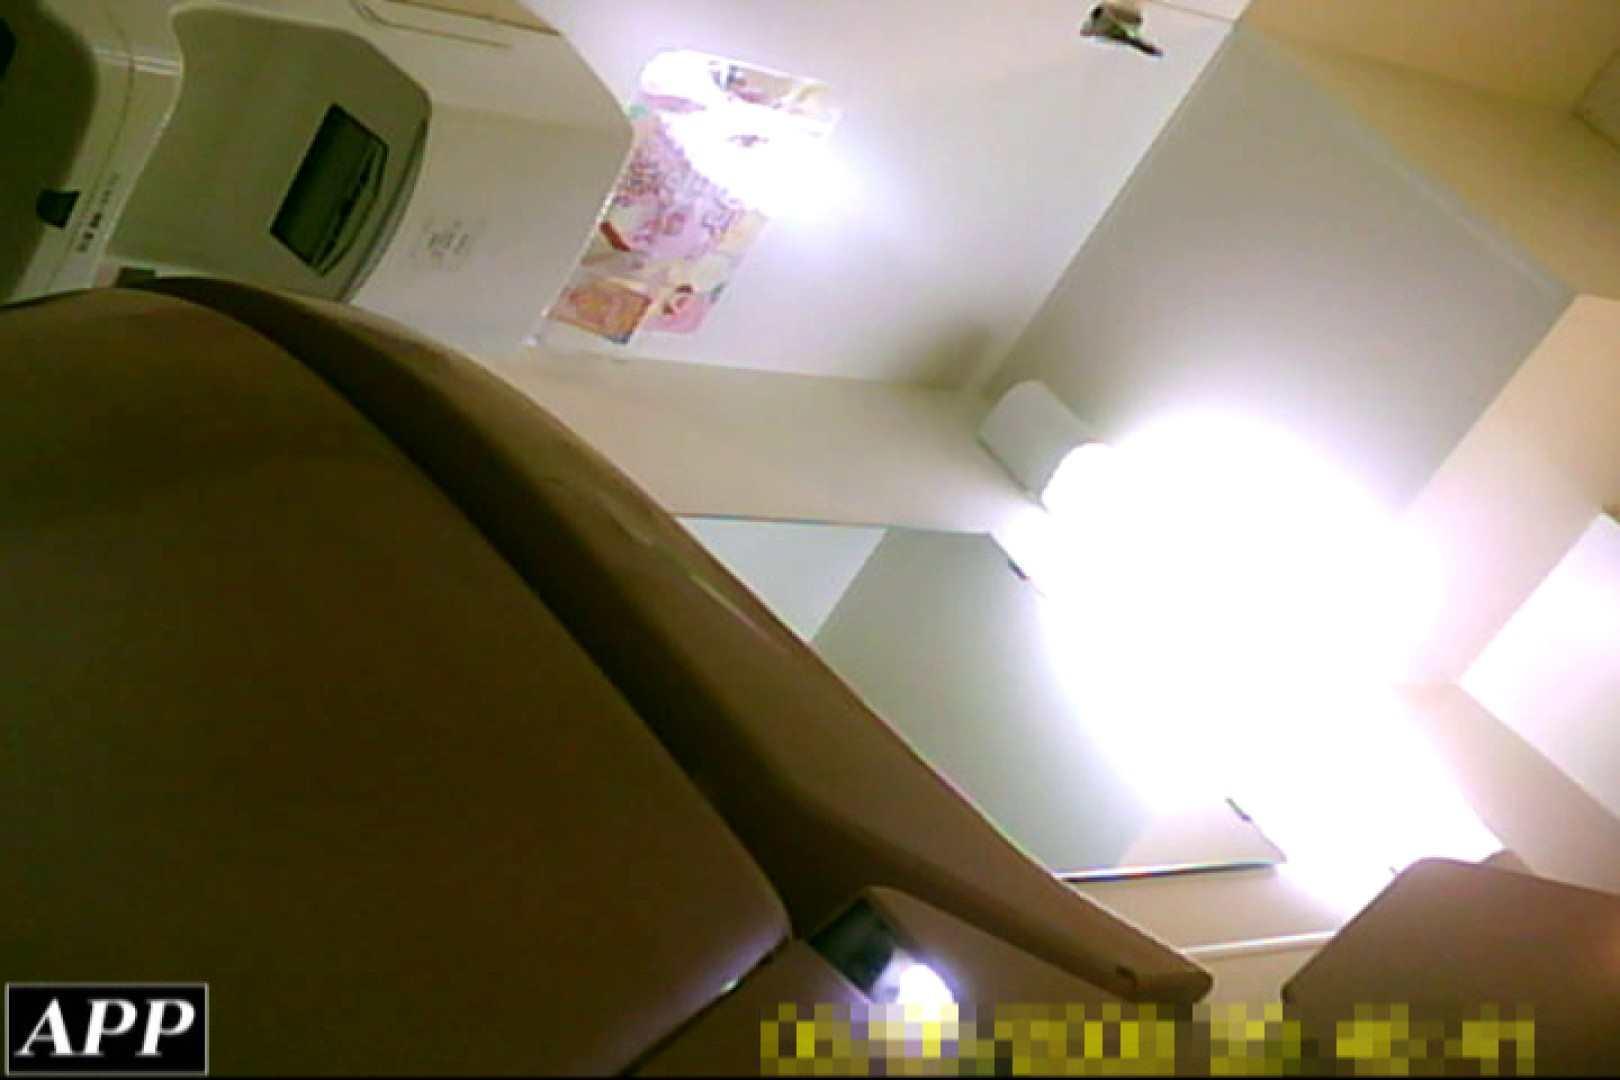 3視点洗面所 vol.061 OLヌード天国  78PIX 6